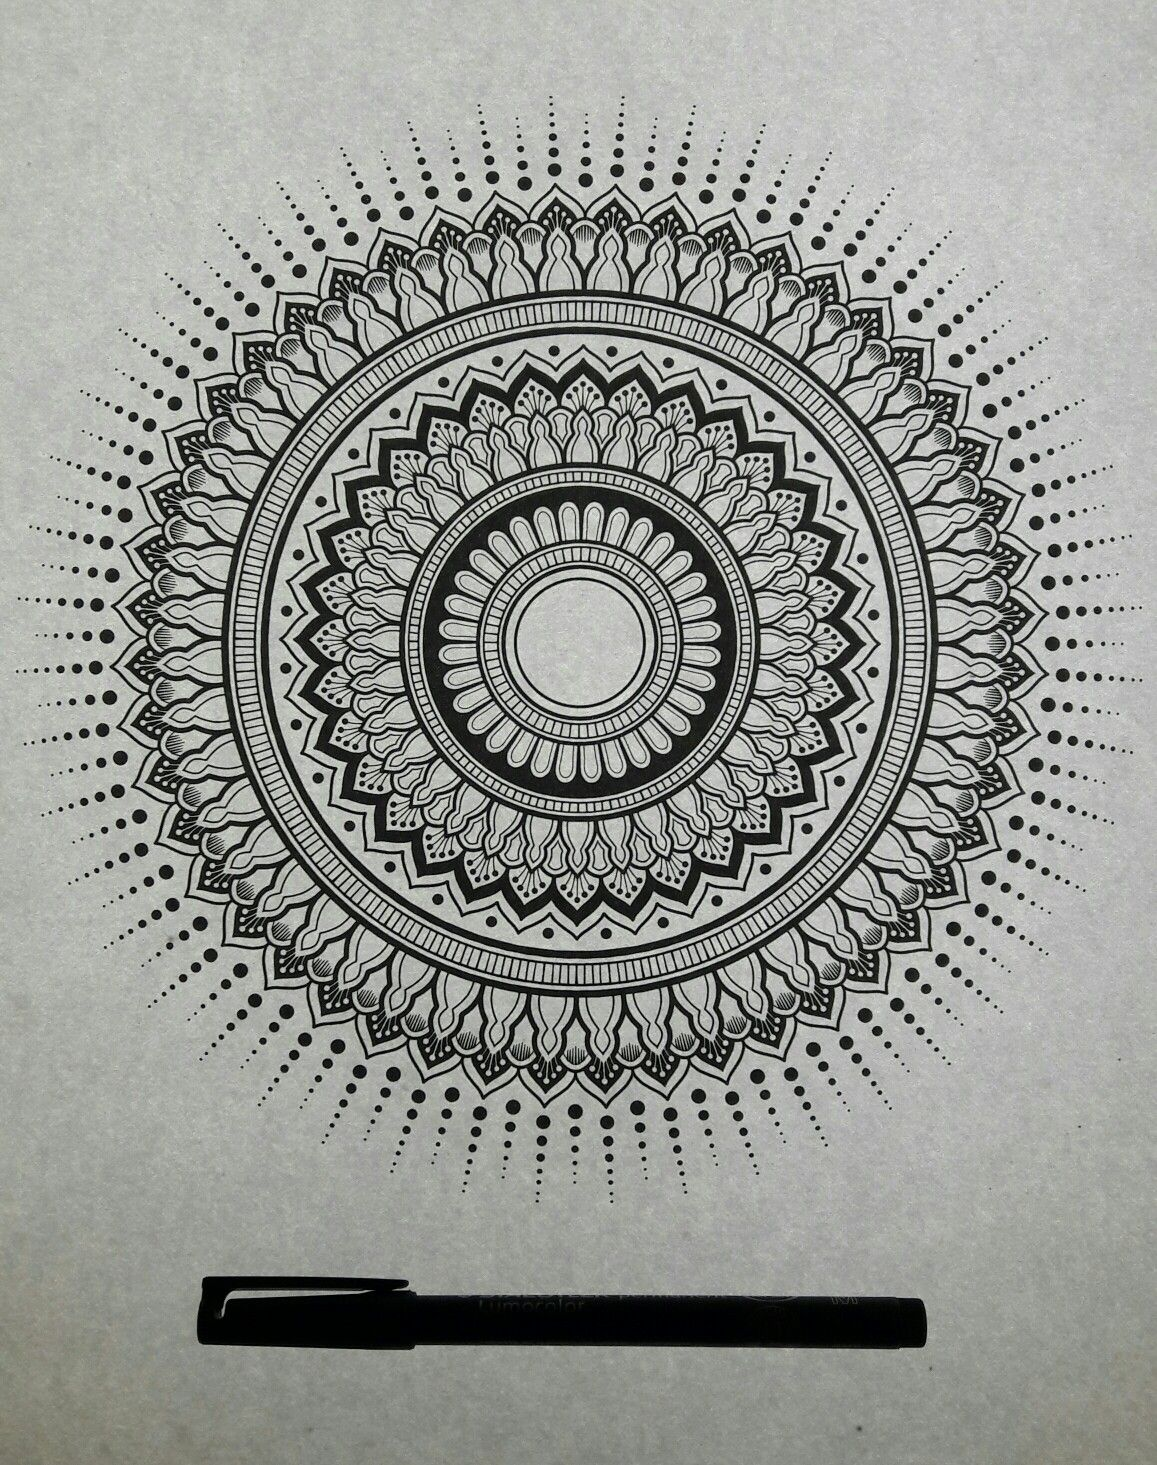 Handmade Mandalas Follow Me Mandala Ink Mandalas Art